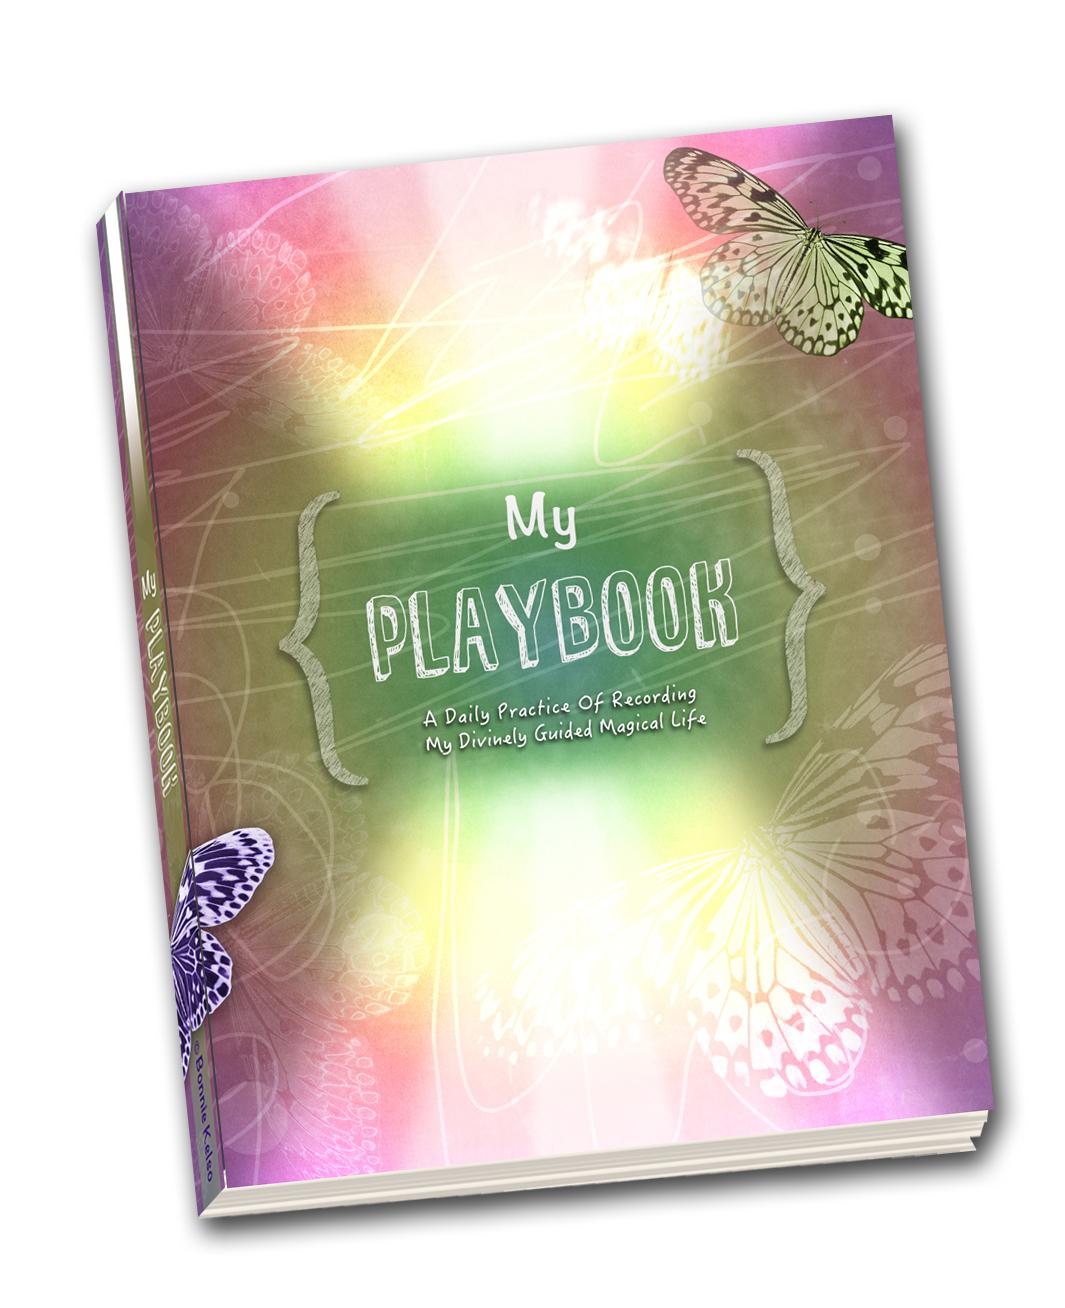 PlaybookCoverSM tilt